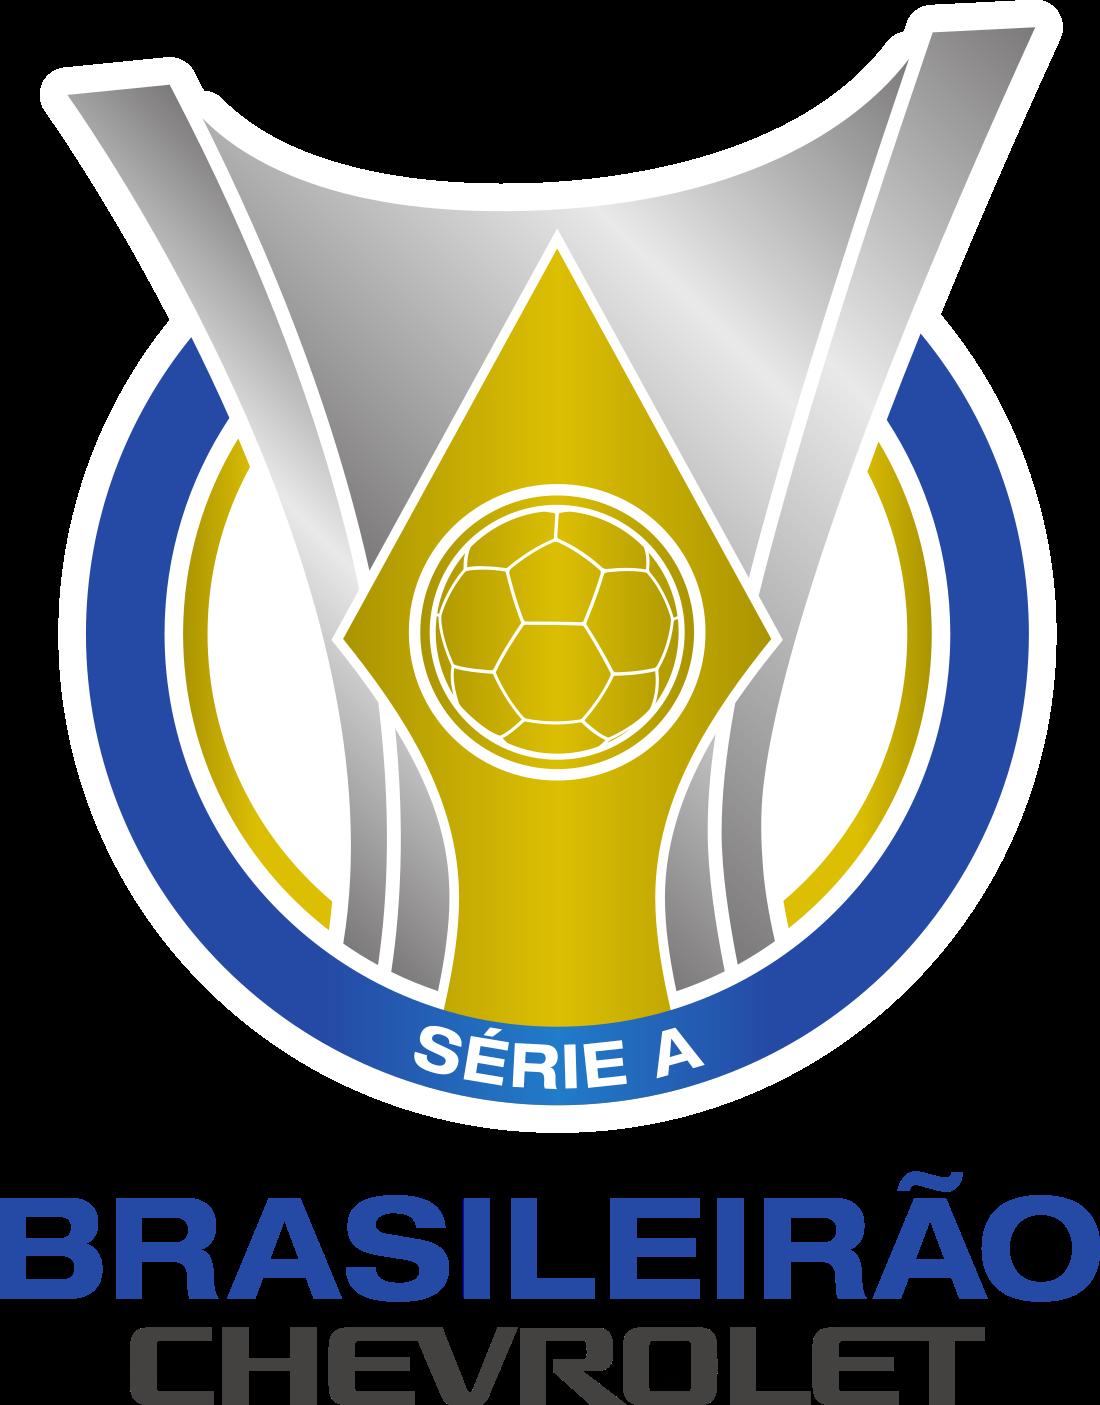 Campeonato Brasileiro Série A Logo – Brasileirão Série A Logo